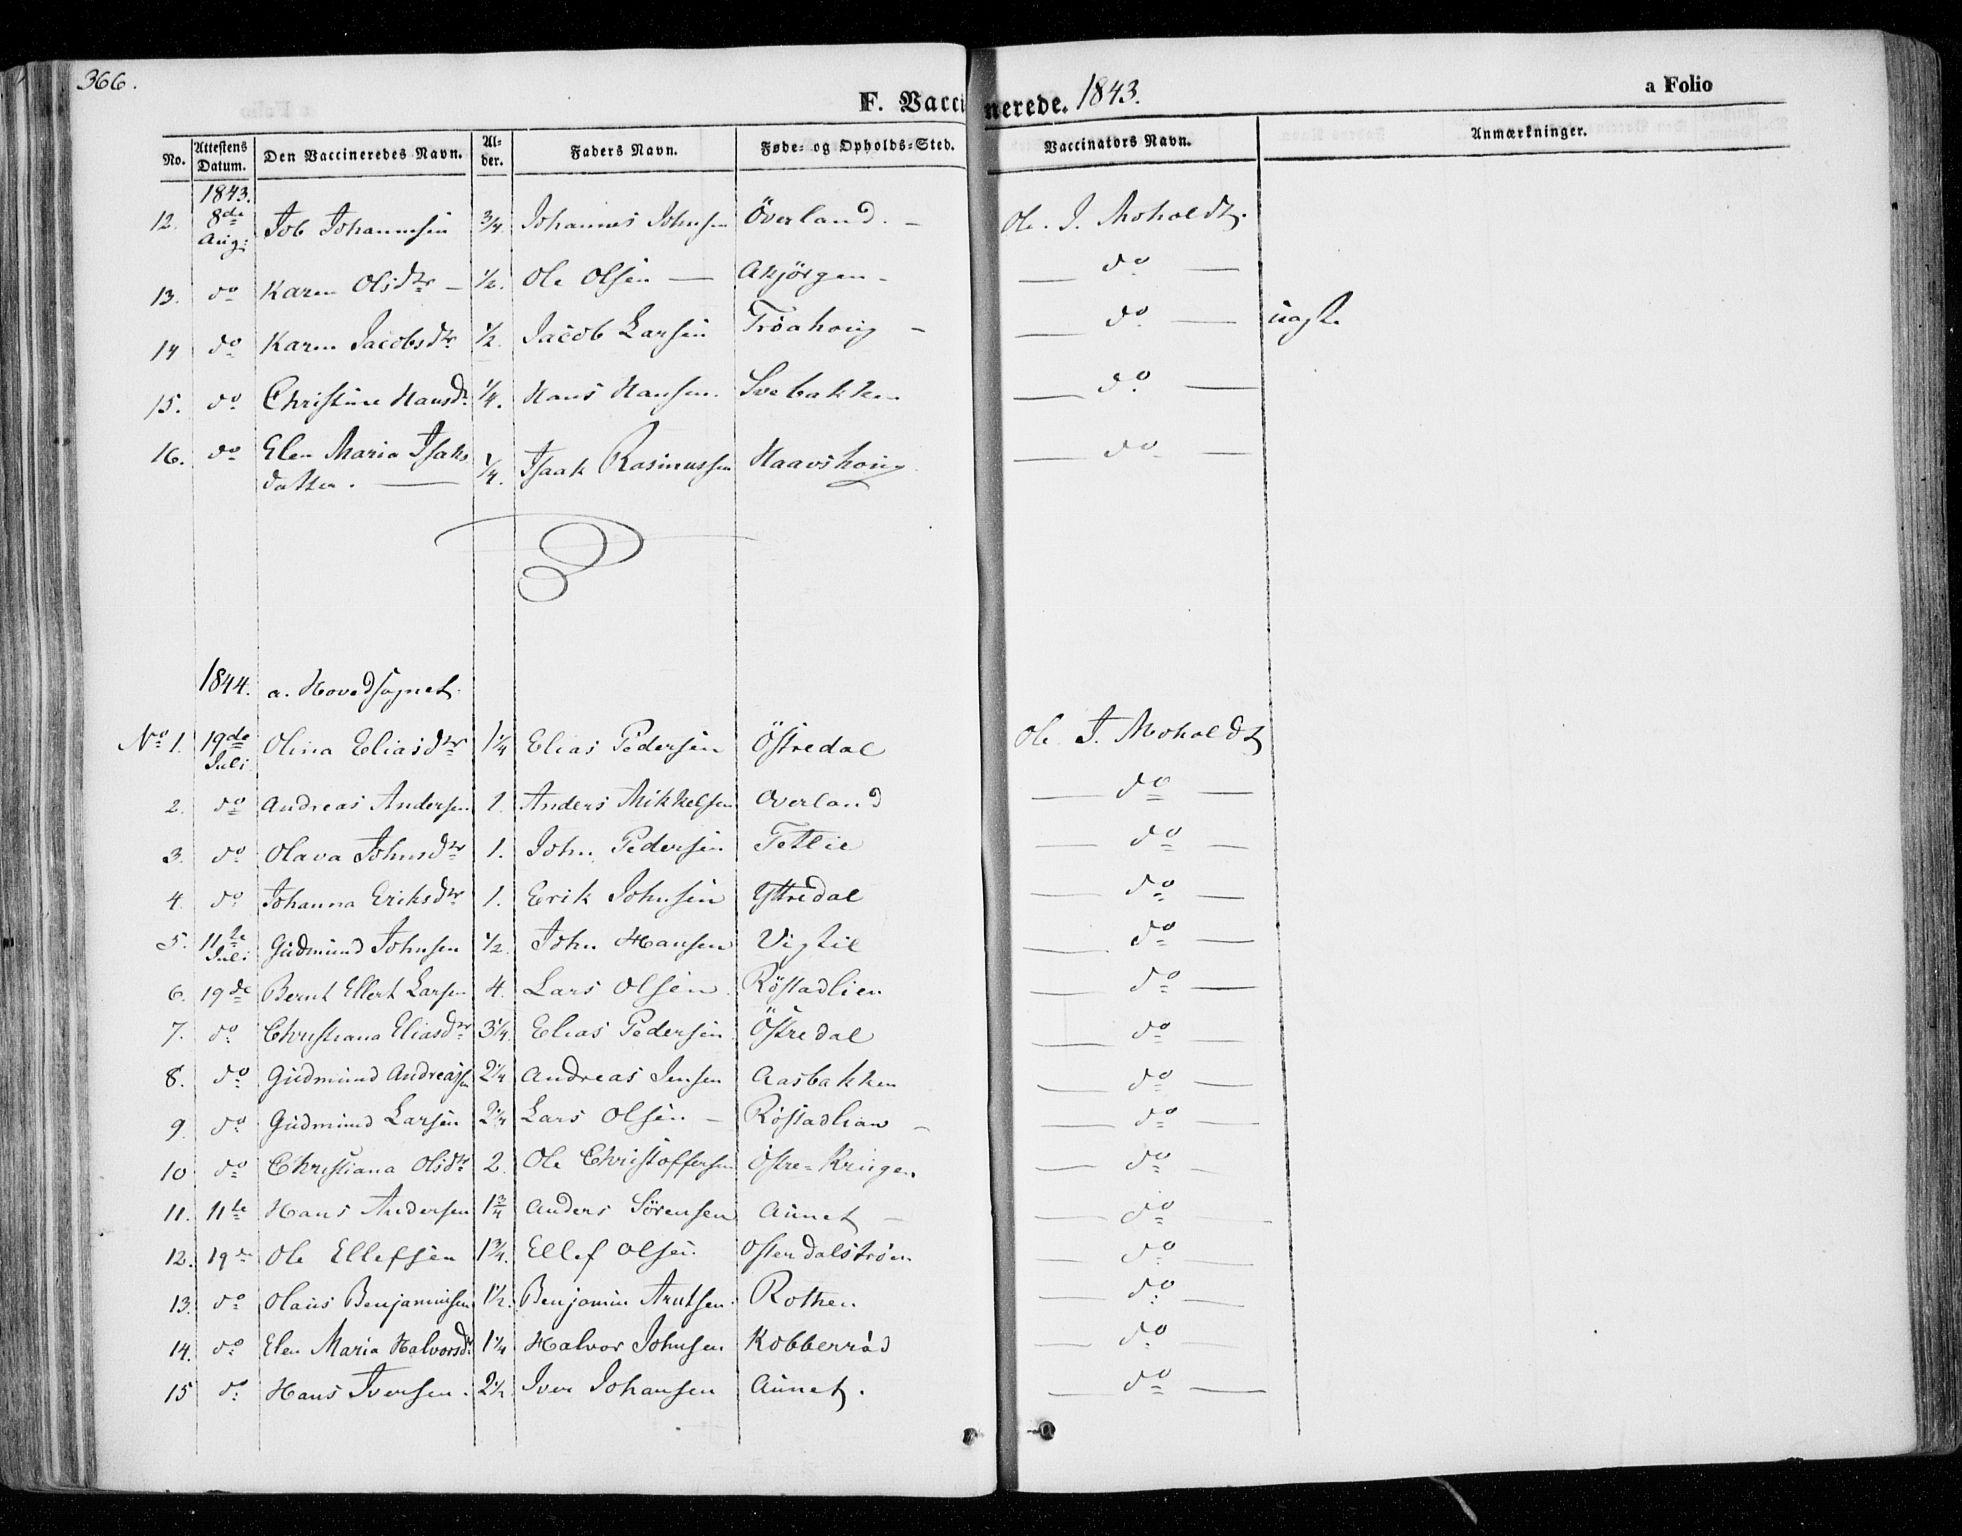 SAT, Ministerialprotokoller, klokkerbøker og fødselsregistre - Nord-Trøndelag, 701/L0007: Ministerialbok nr. 701A07 /1, 1842-1854, s. 366